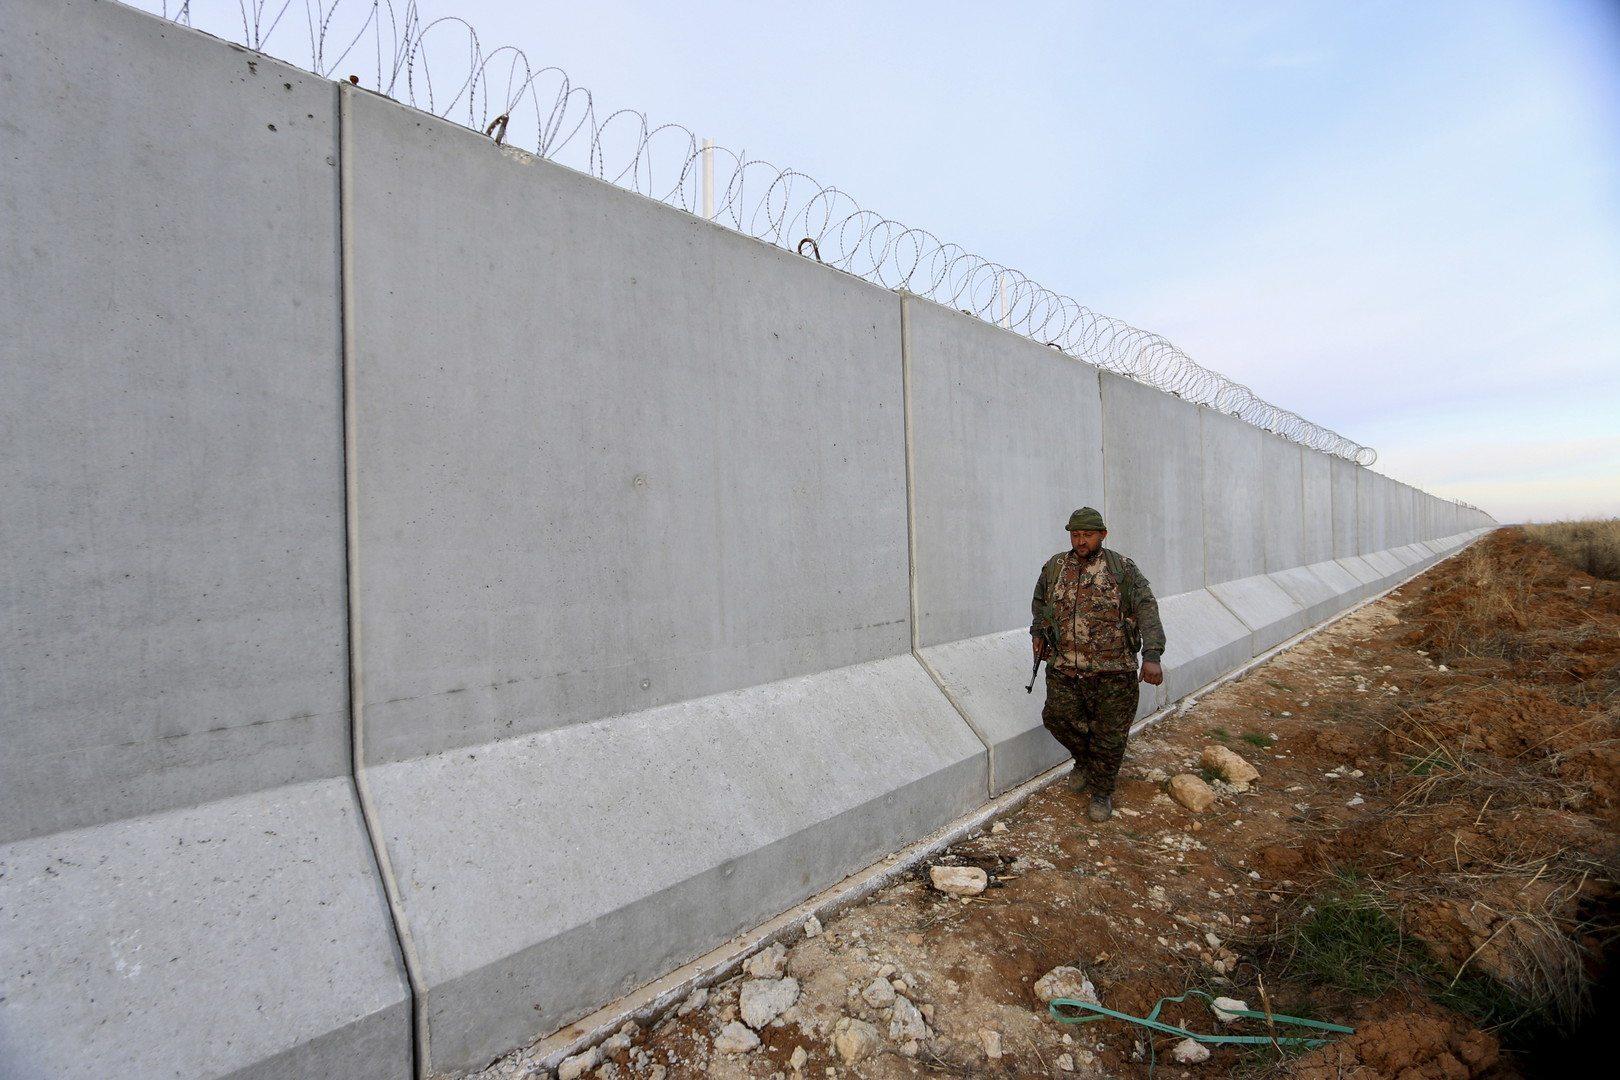 Mury przybywają do Europy! Trzy państwa odgrodzą się od uchodźców